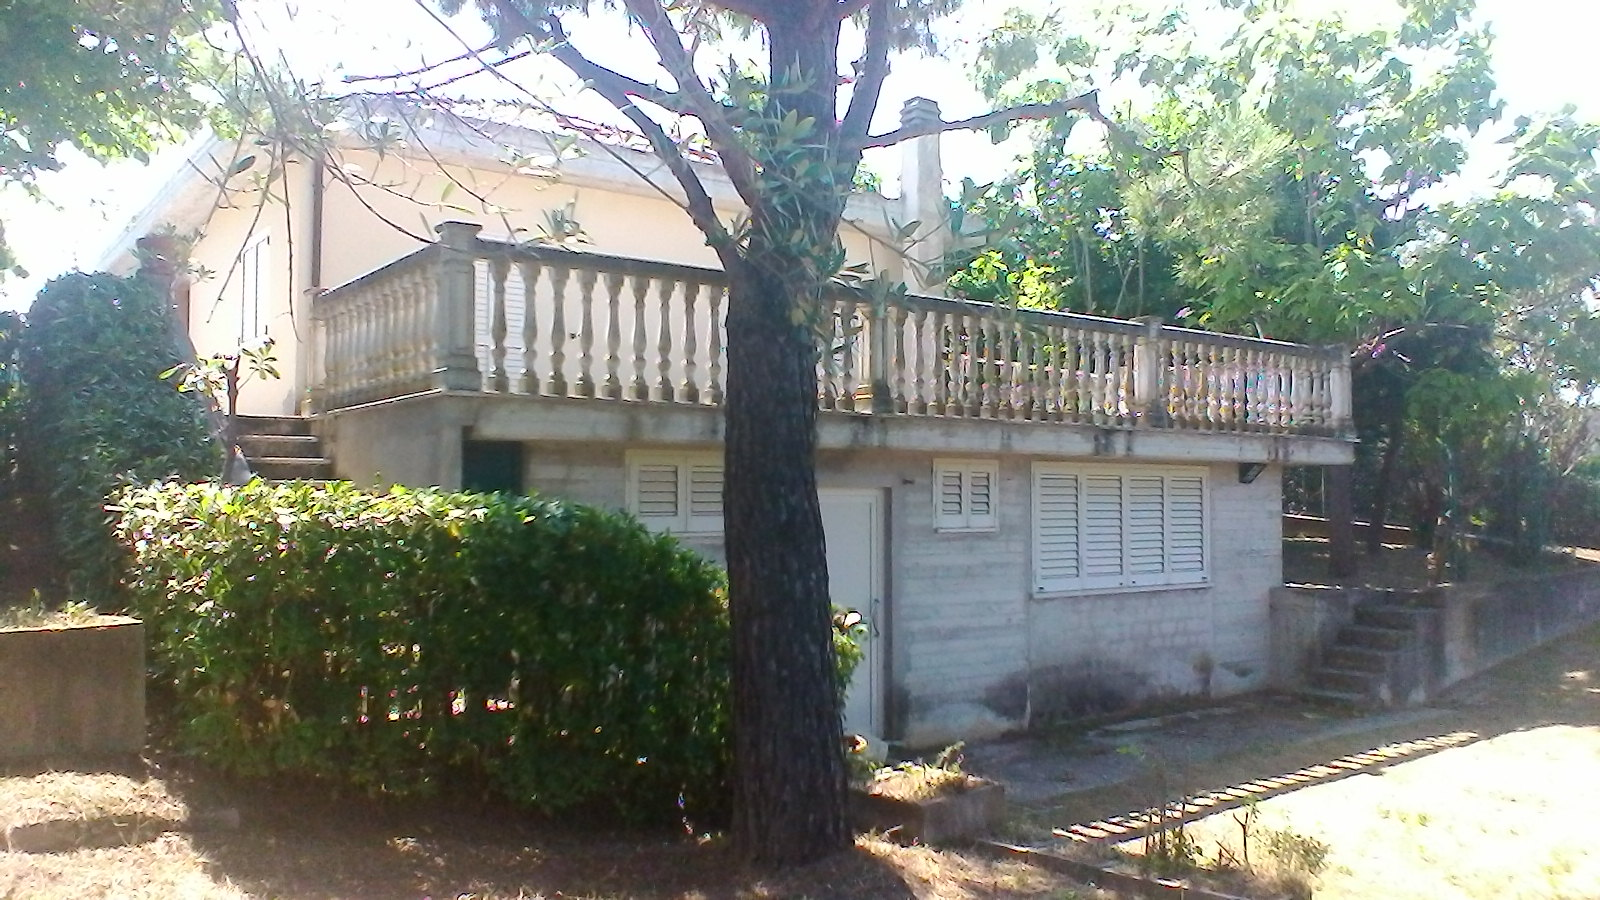 Soluzione Indipendente in vendita a Castorano, 4 locali, zona Zona: Pescolla, prezzo € 165.000 | CambioCasa.it